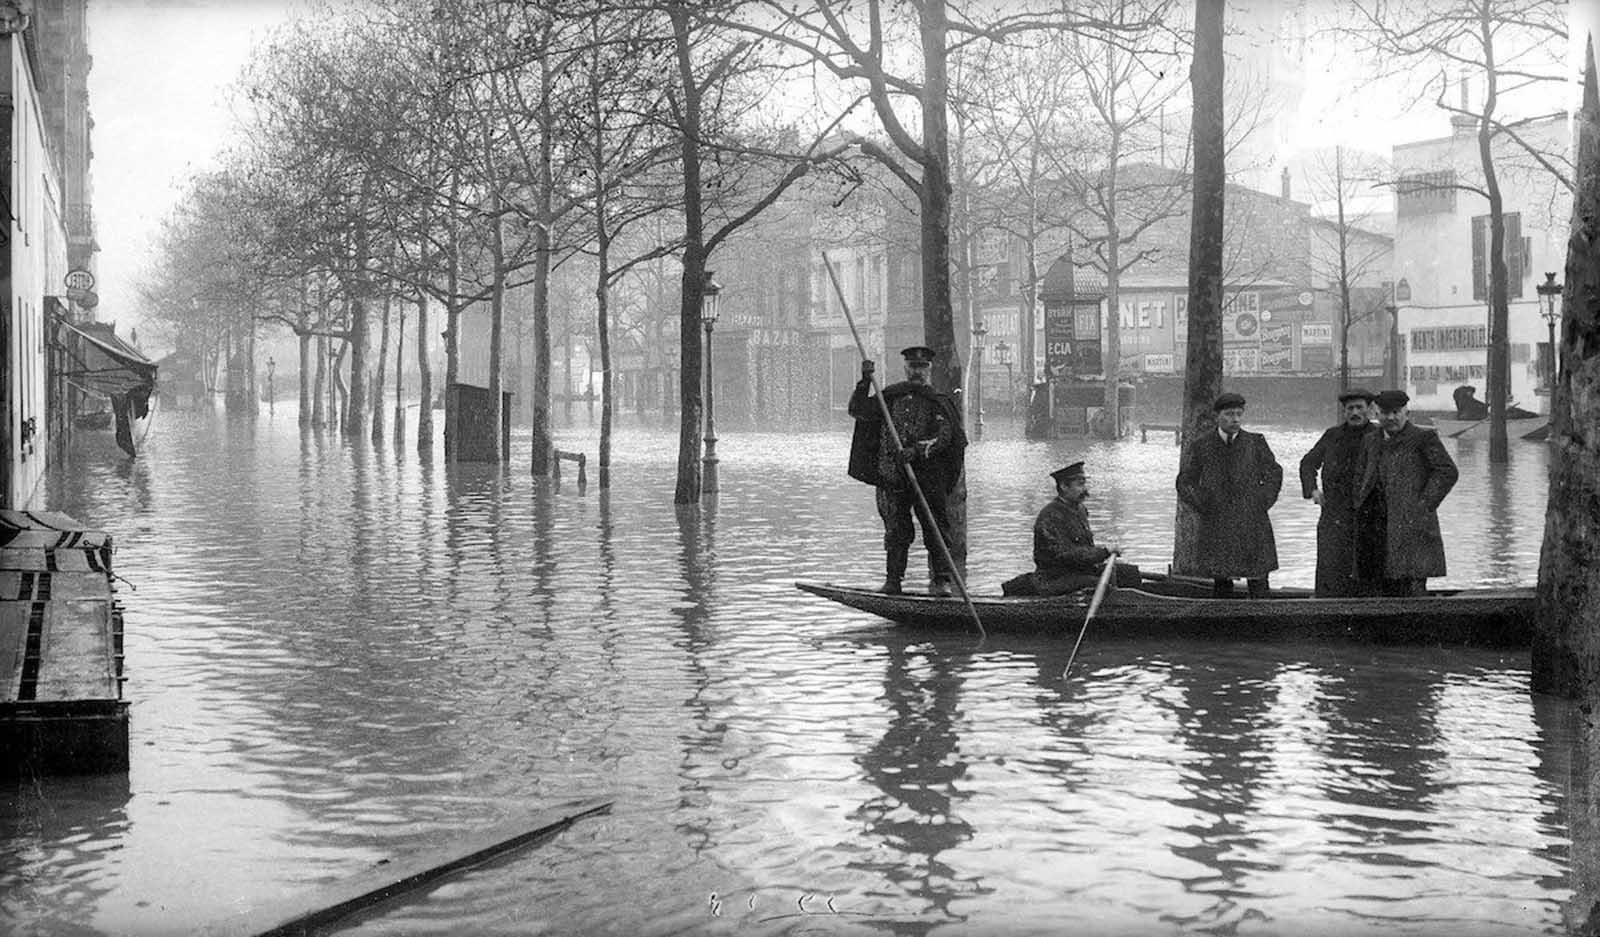 paris_flood_1910_9.jpg